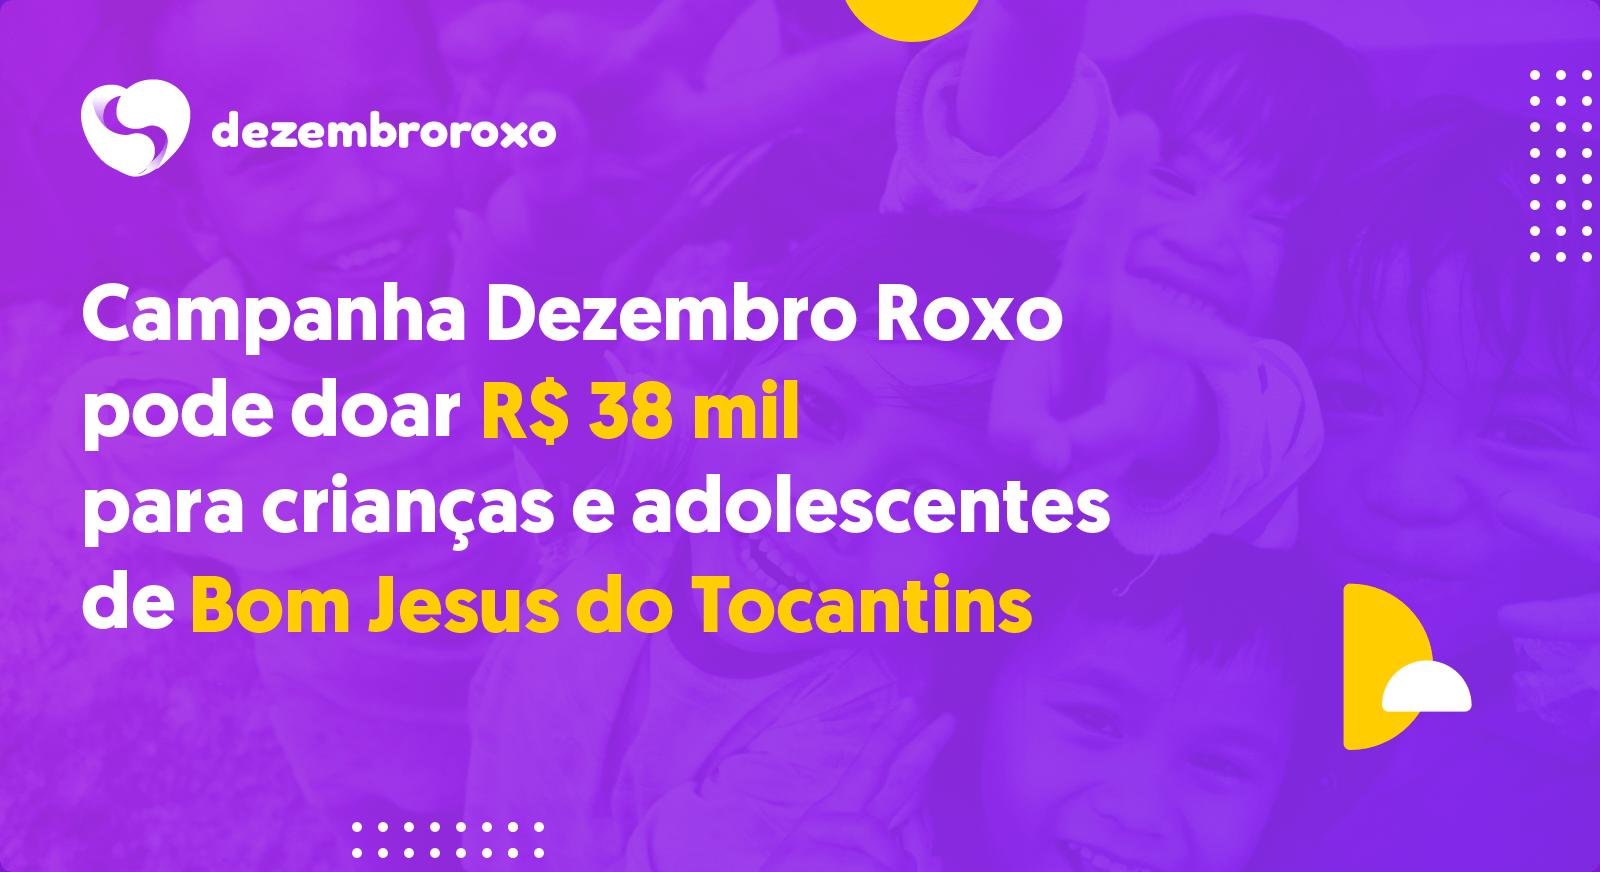 Doações em Bom Jesus do Tocantins - TO